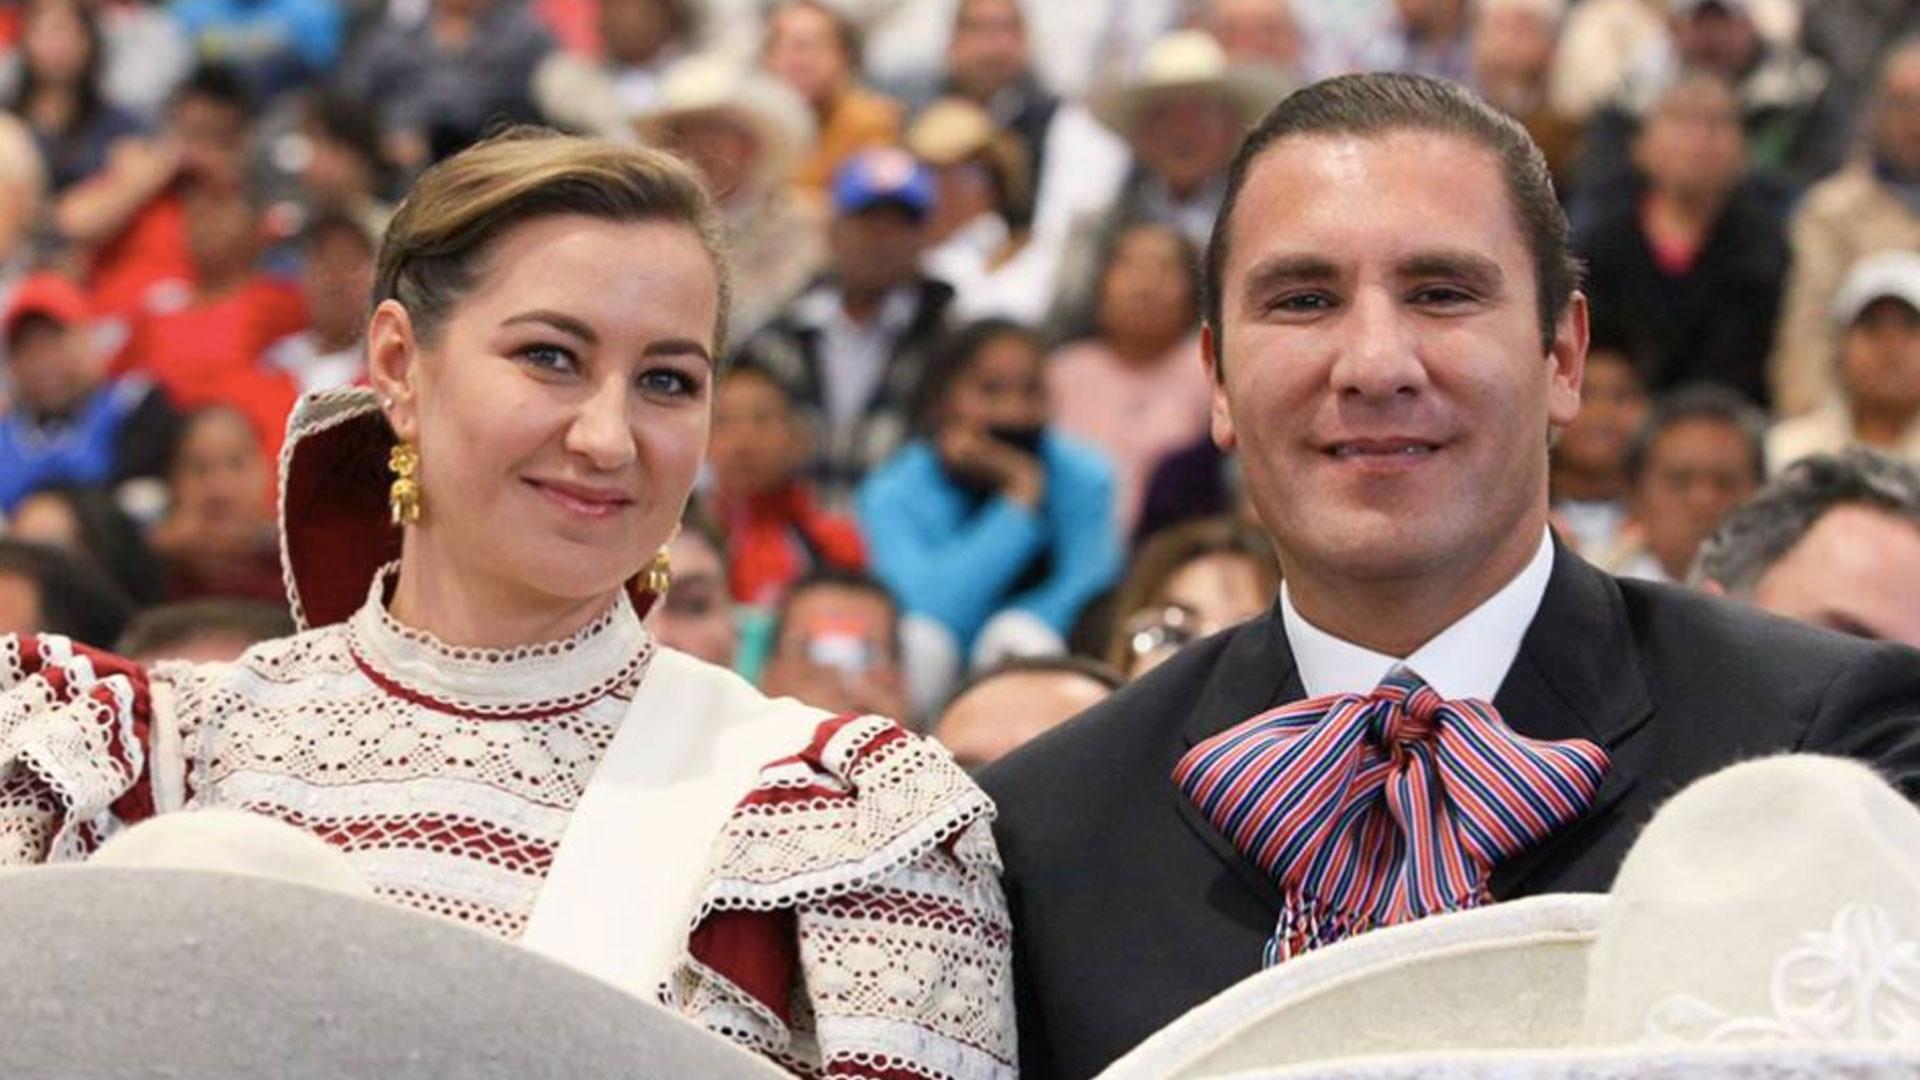 Se casó con Martha Erika Alonso en 2004 (Foto: Facebook Rafael Moreno Valle)